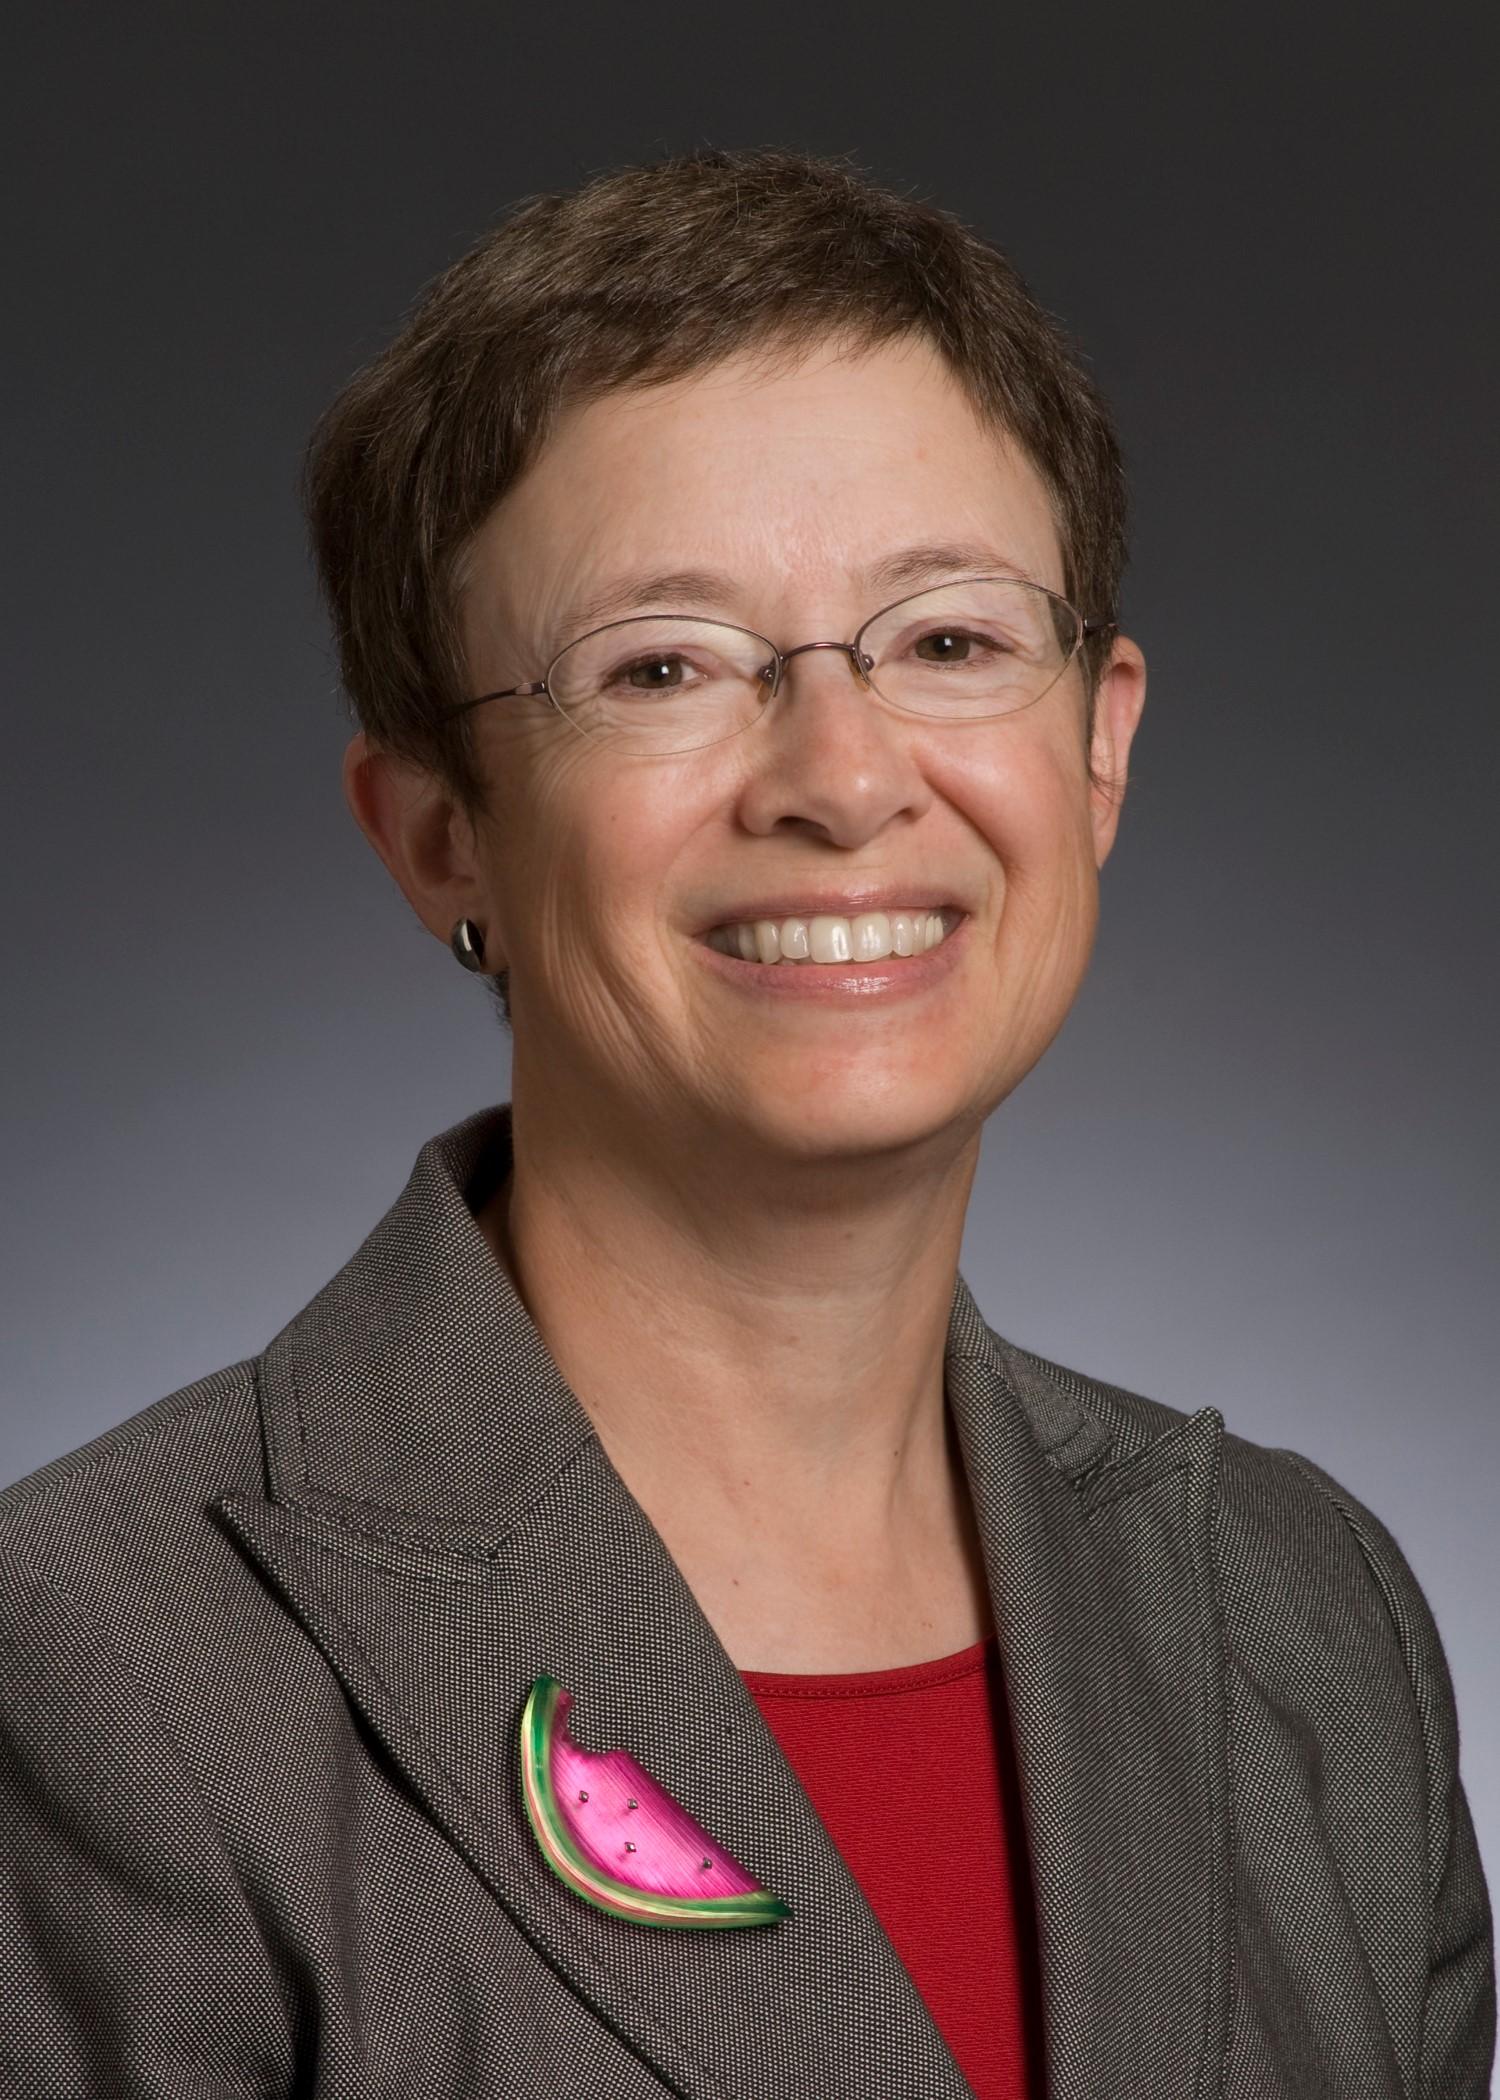 Connie Gersick